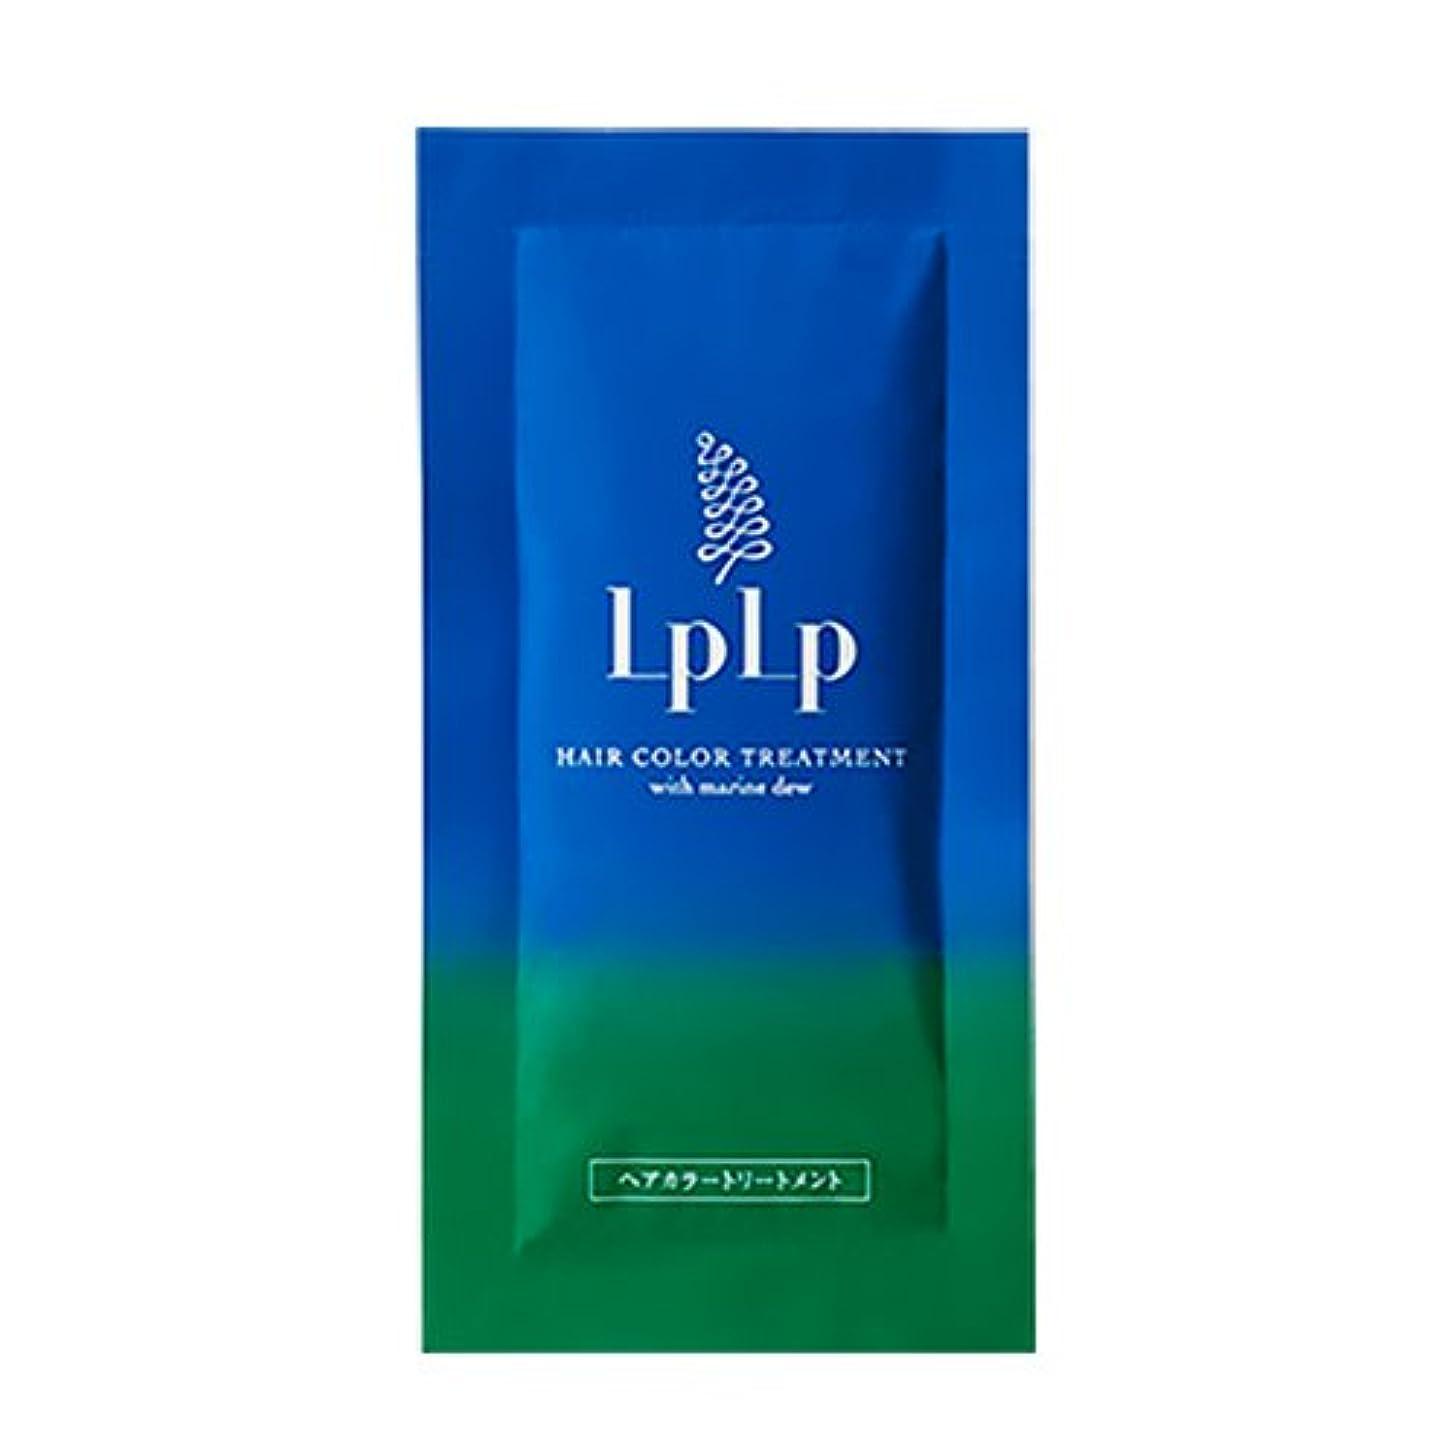 日曜日ピカリングお風呂を持っているLPLP(ルプルプ)ヘアカラートリートメントお試しパウチ ソフトブラック